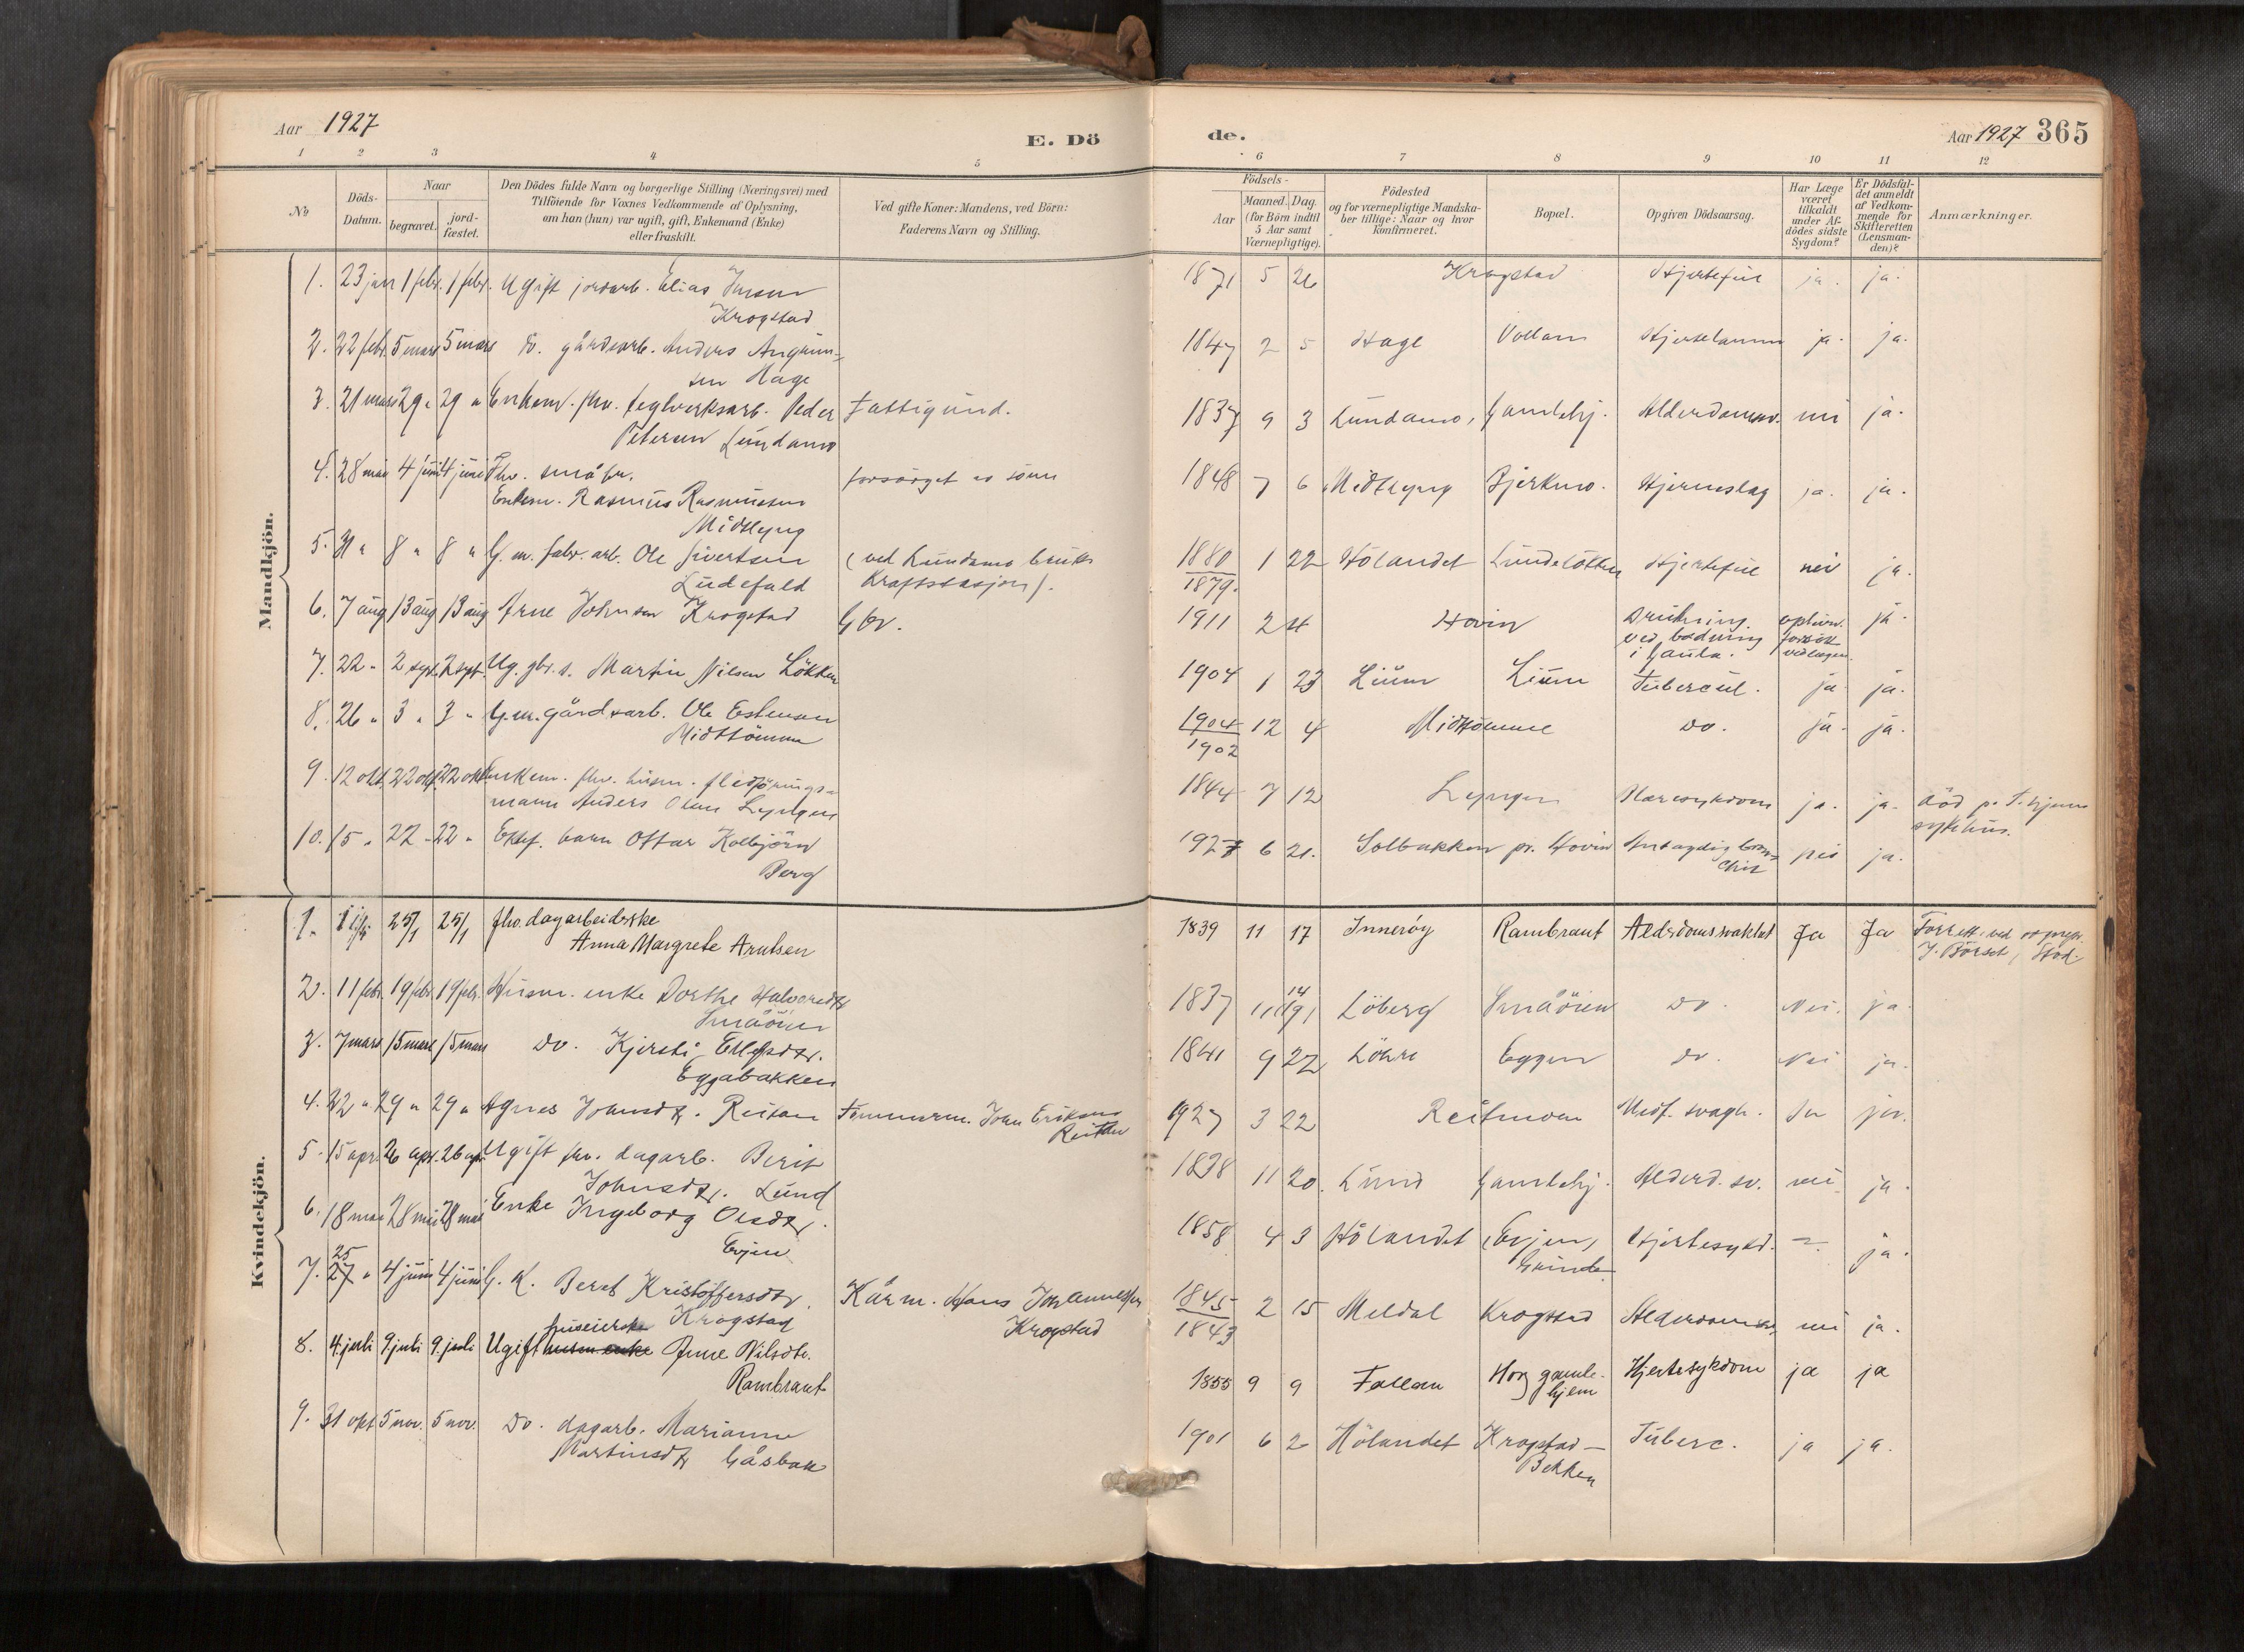 SAT, Ministerialprotokoller, klokkerbøker og fødselsregistre - Sør-Trøndelag, 692/L1105b: Ministerialbok nr. 692A06, 1891-1934, s. 365